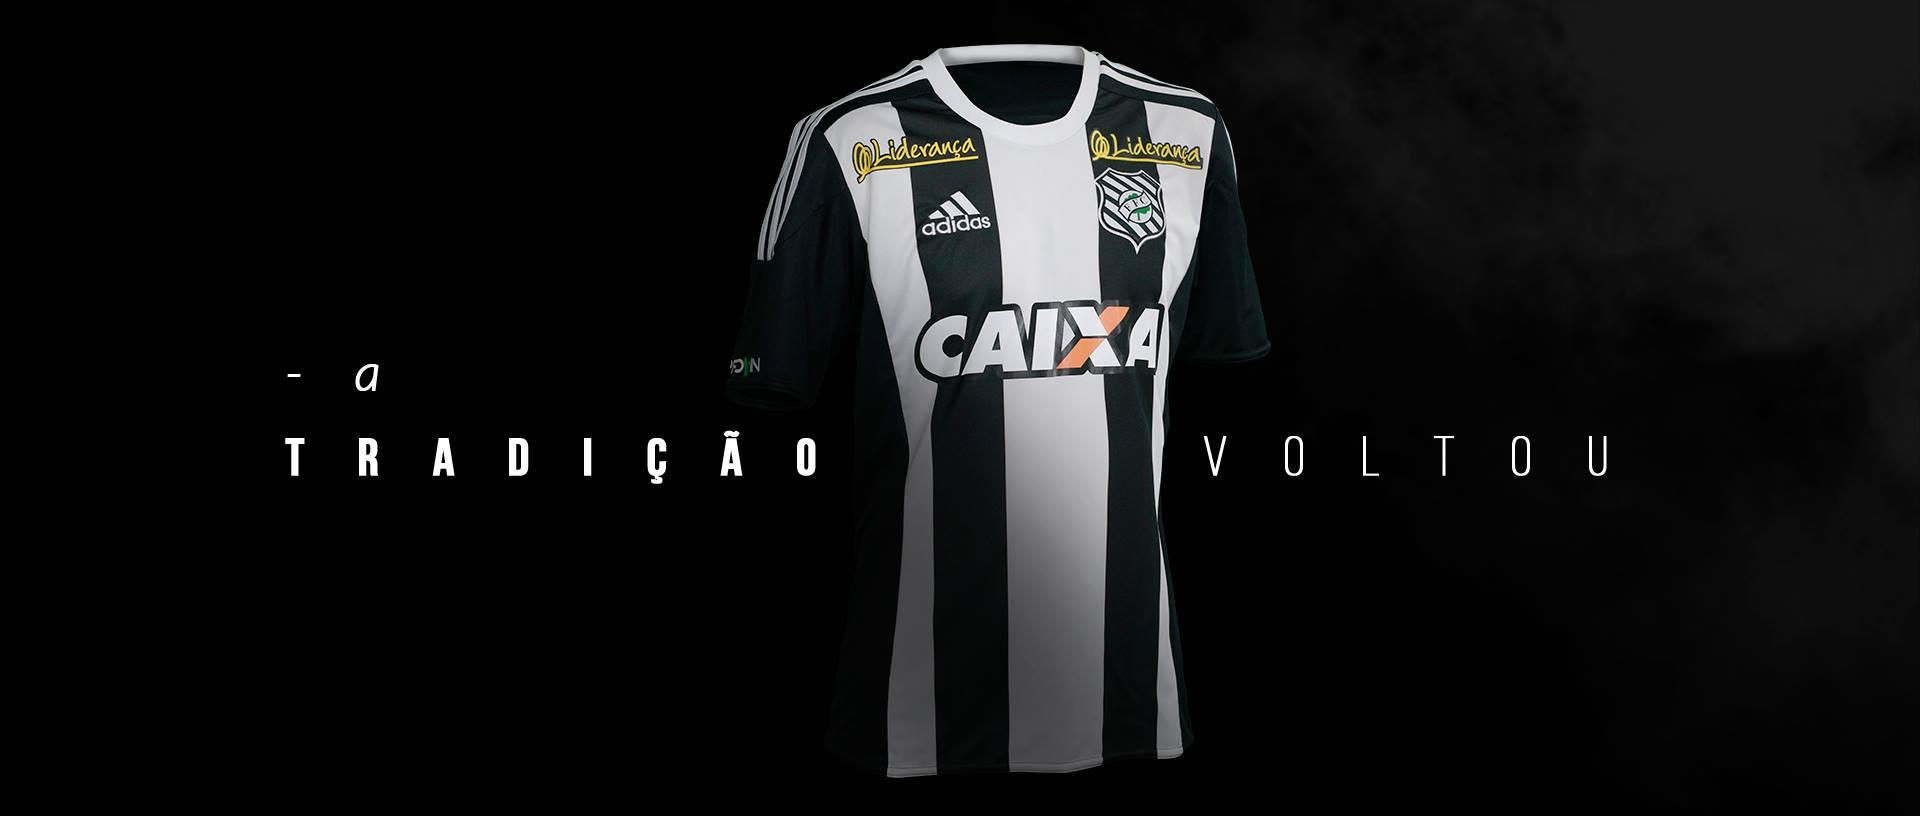 Camisas de times em promoção: Figueirense